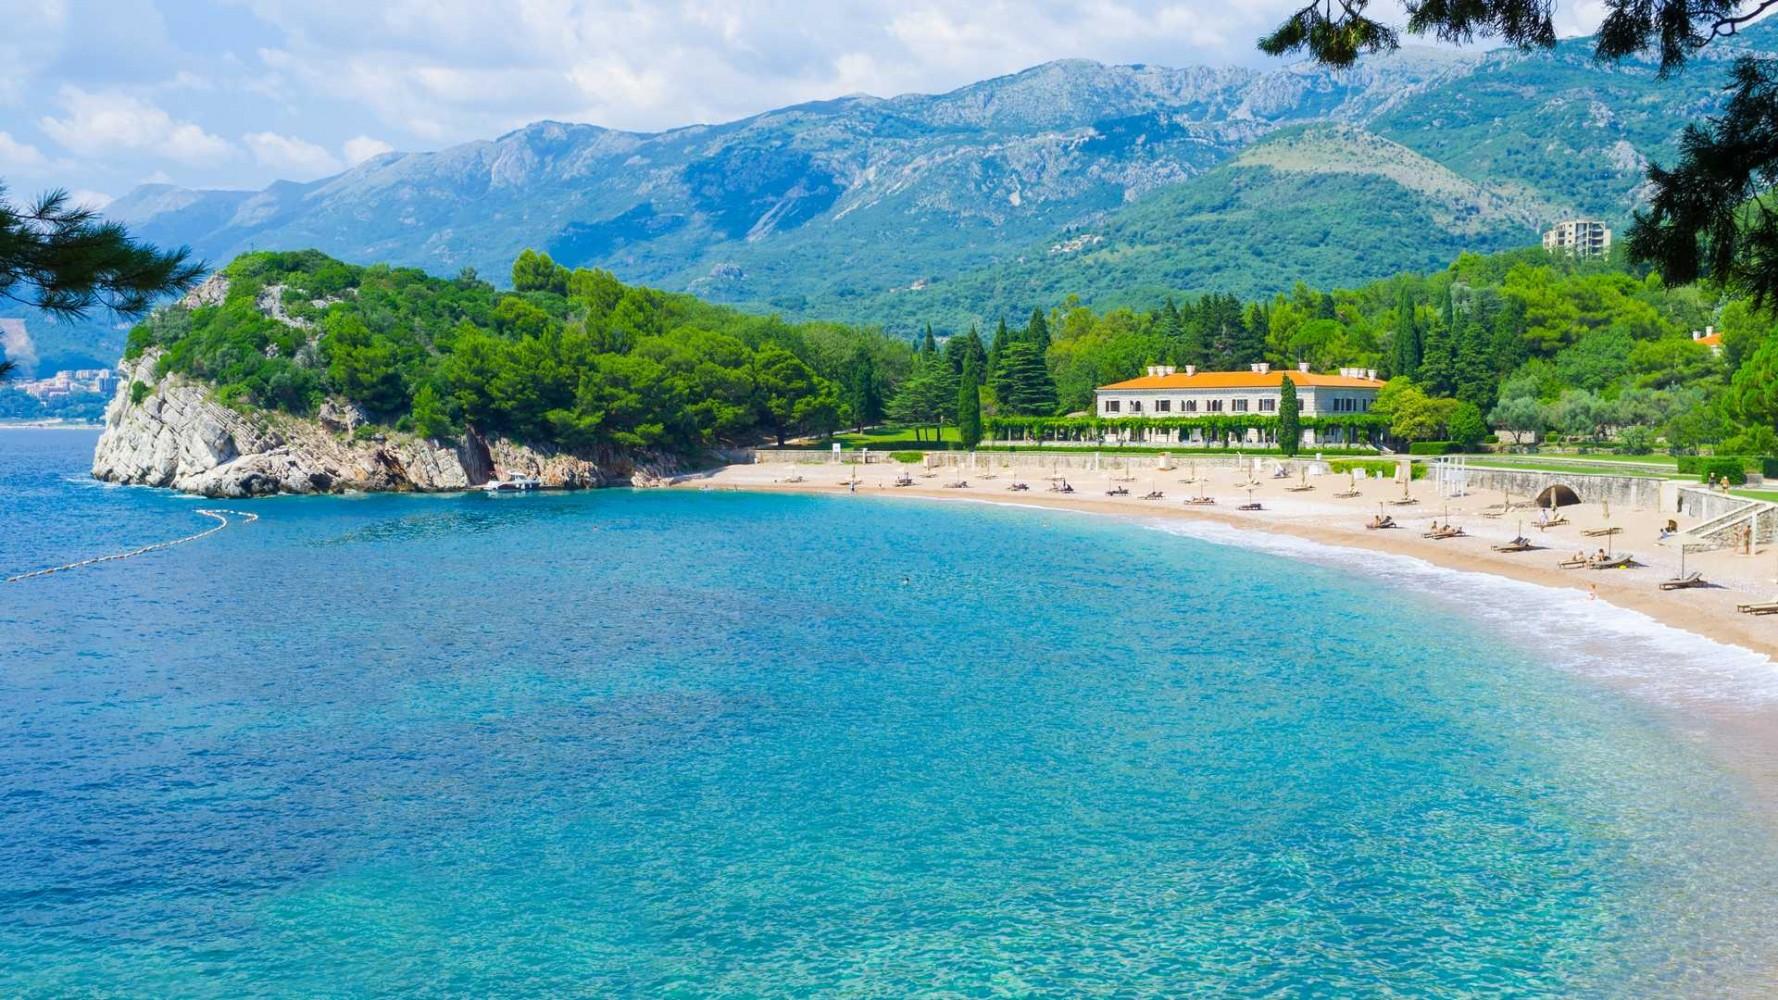 Тур в Черногорию, Хорватию и в Албанию, фото море